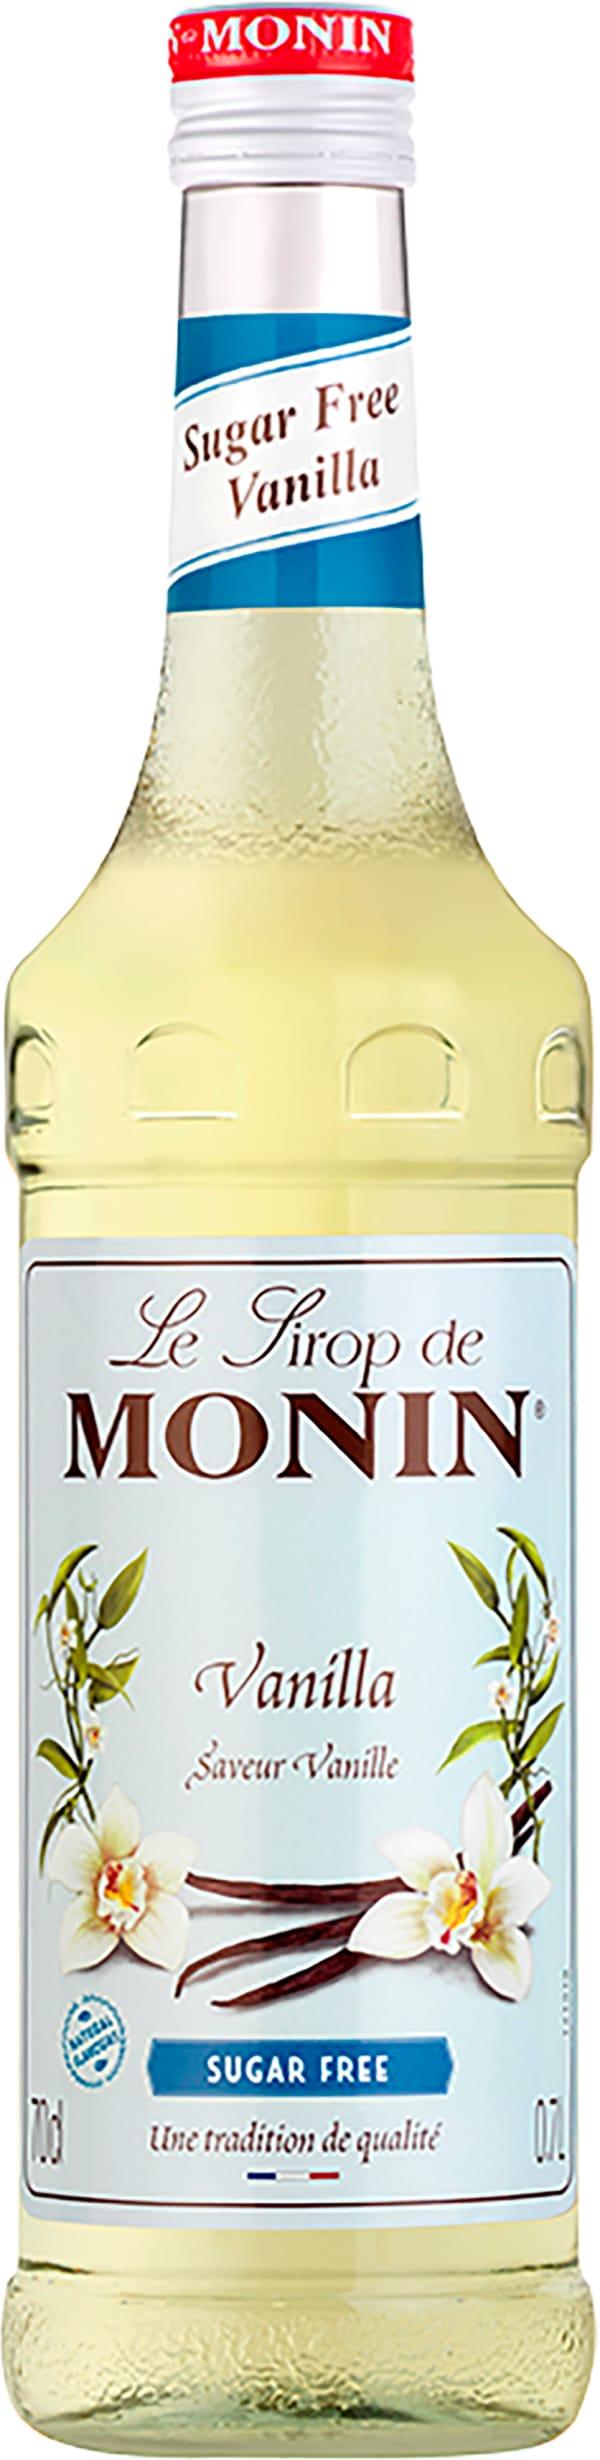 Le Sirop de Monin Vanilla sugar free